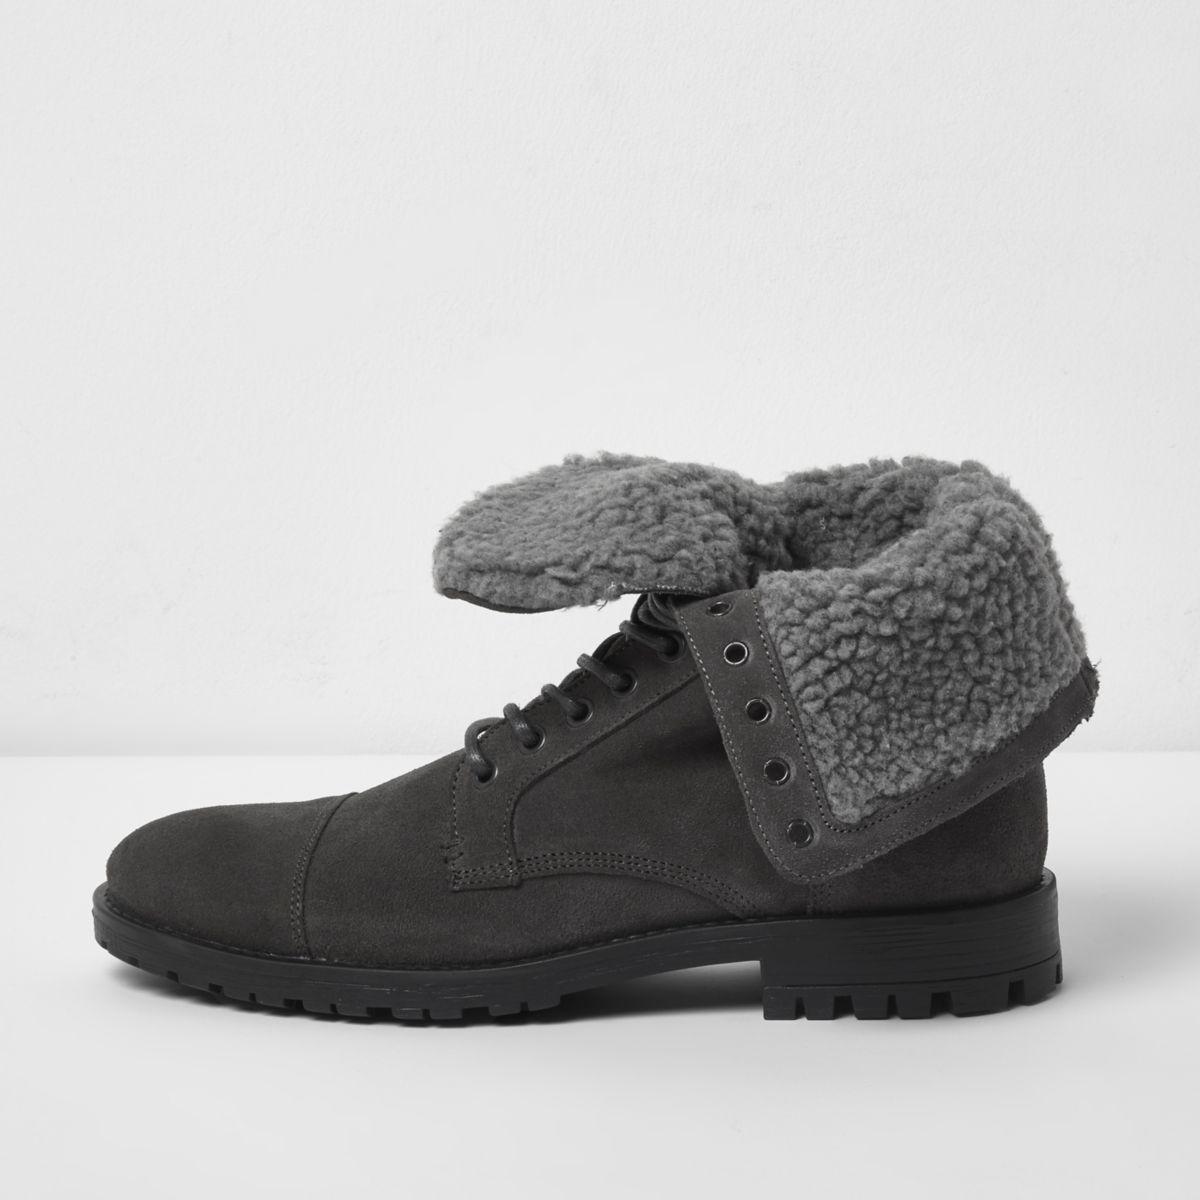 Grey fleece lined suede work boots